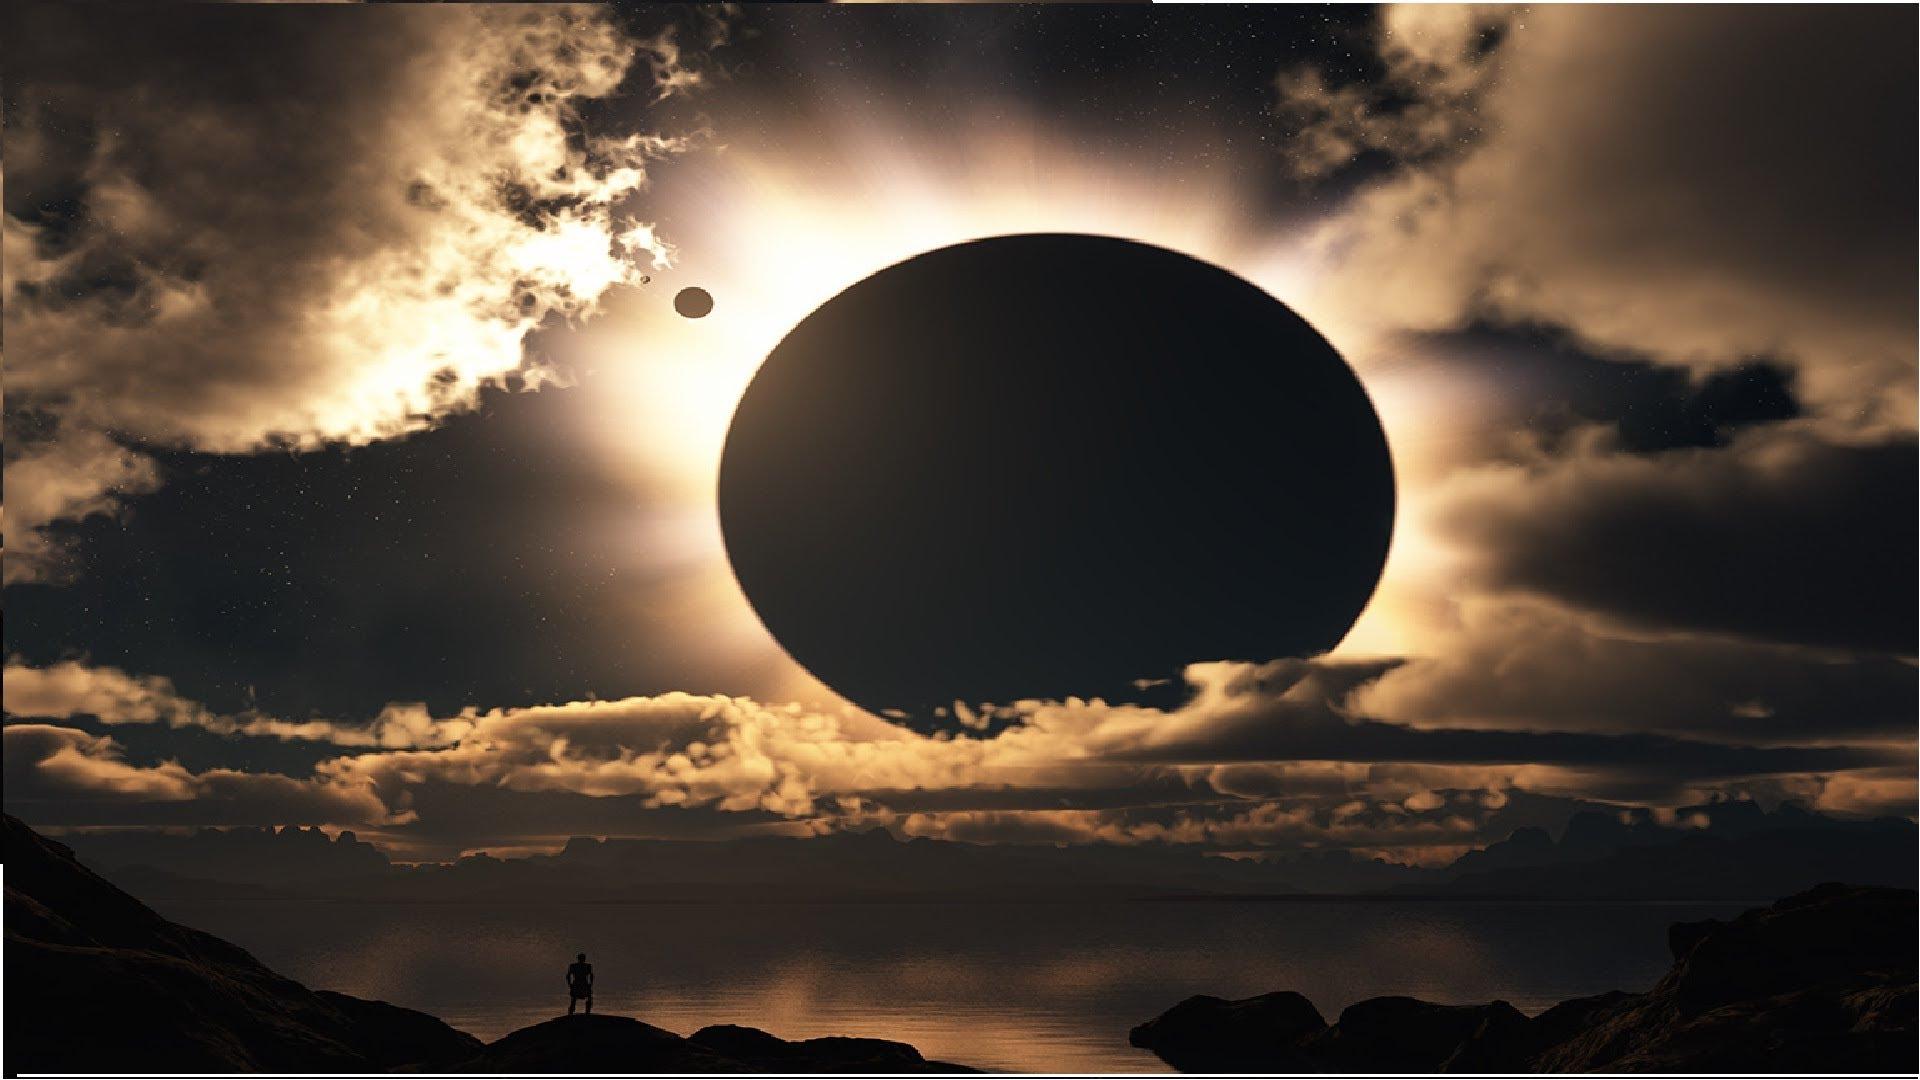 Tre giorni di buio, falsa o vera profezia?